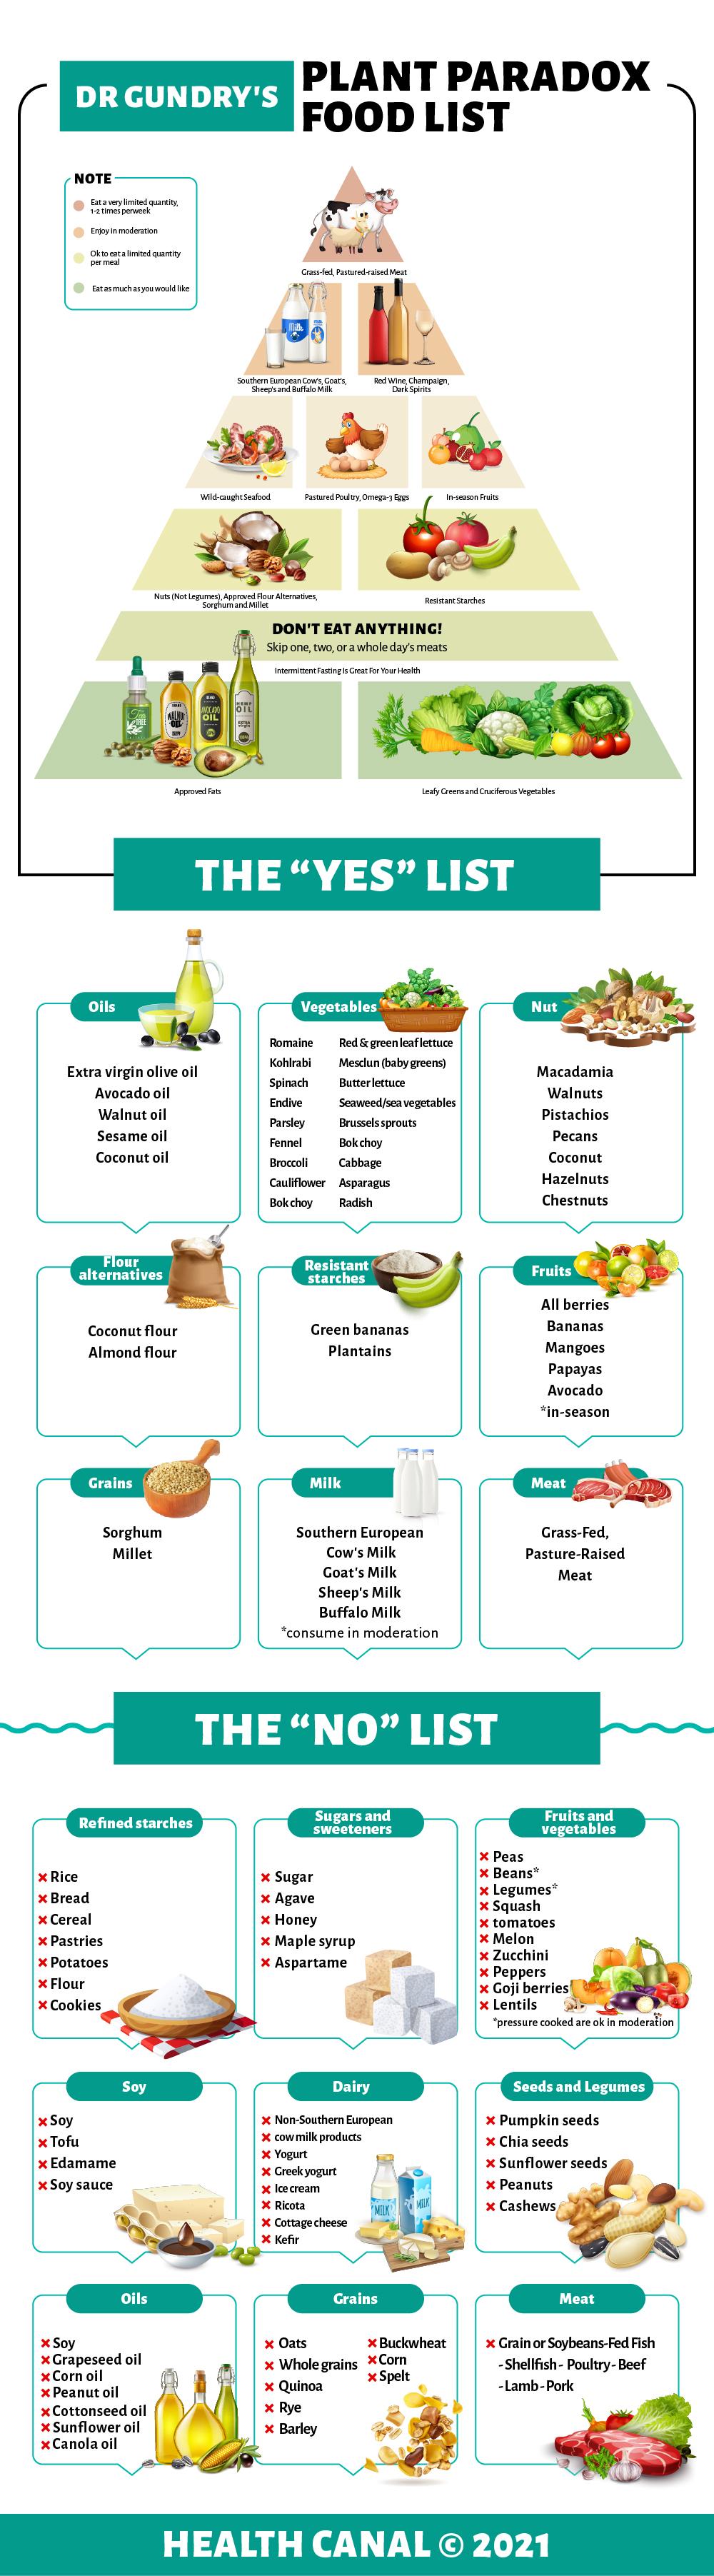 Food pyramid - GundryMD